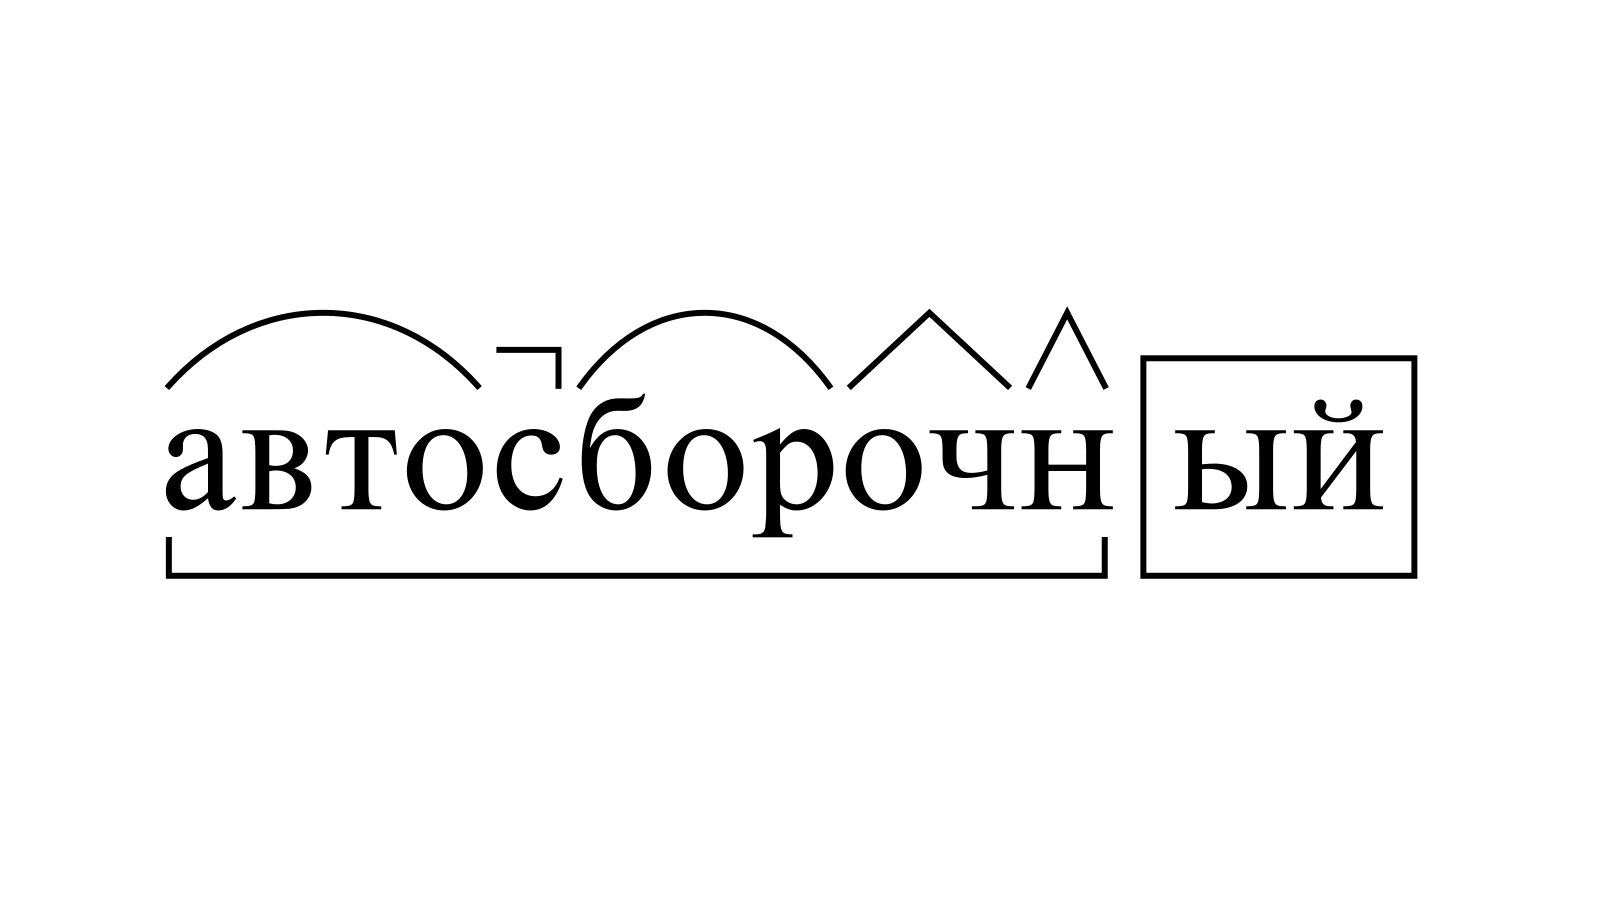 Разбор слова «автосборочный» по составу